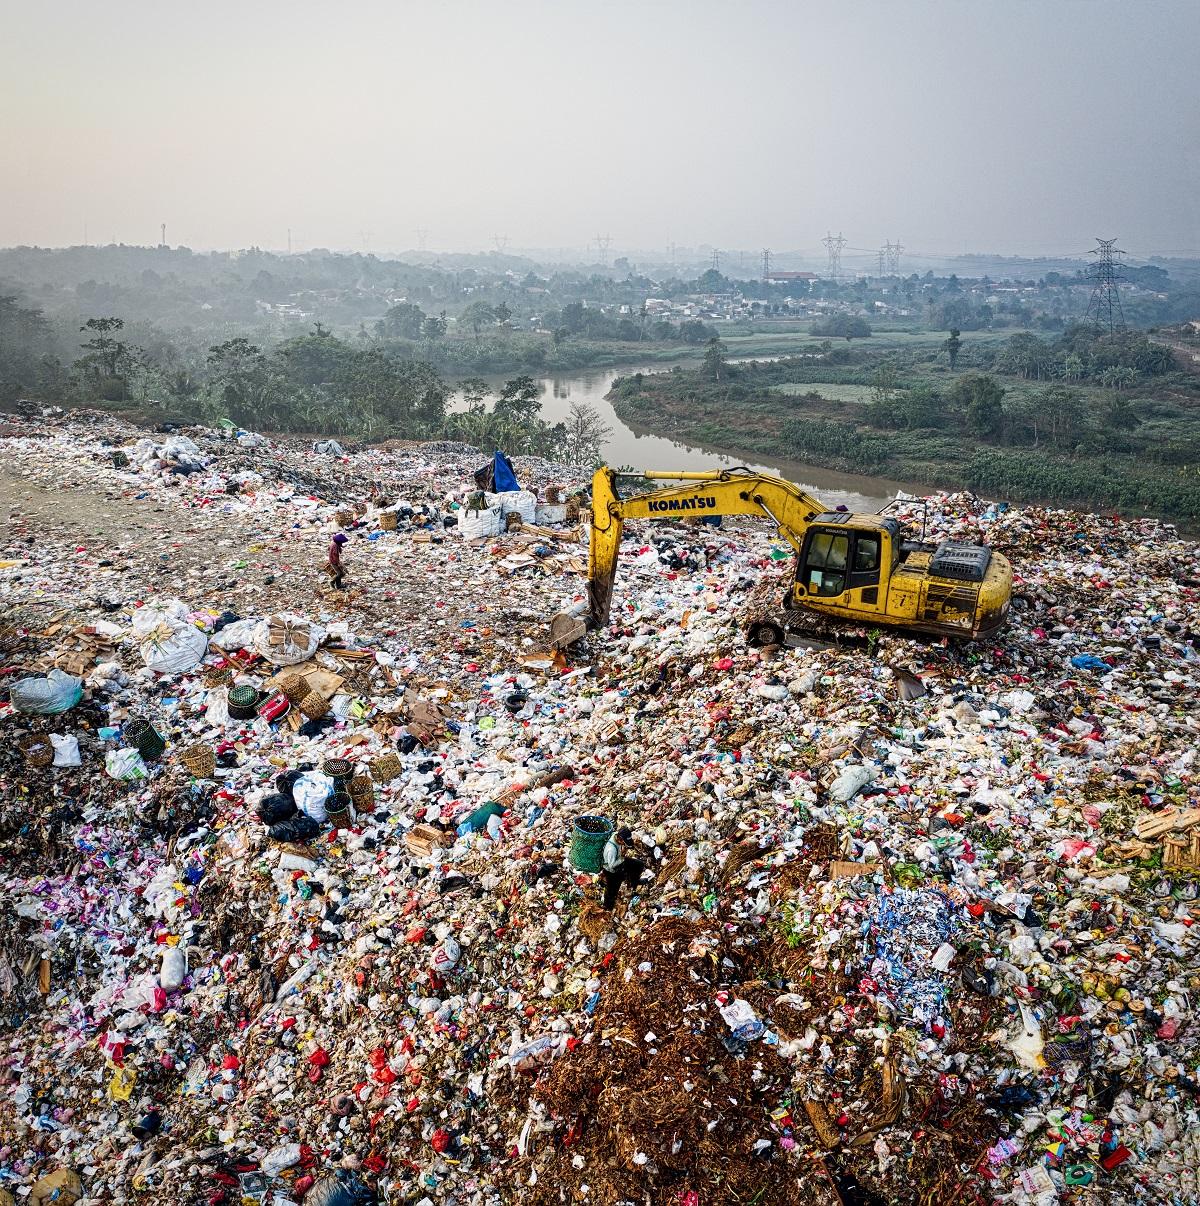 Plastic waste disposal in Kenya